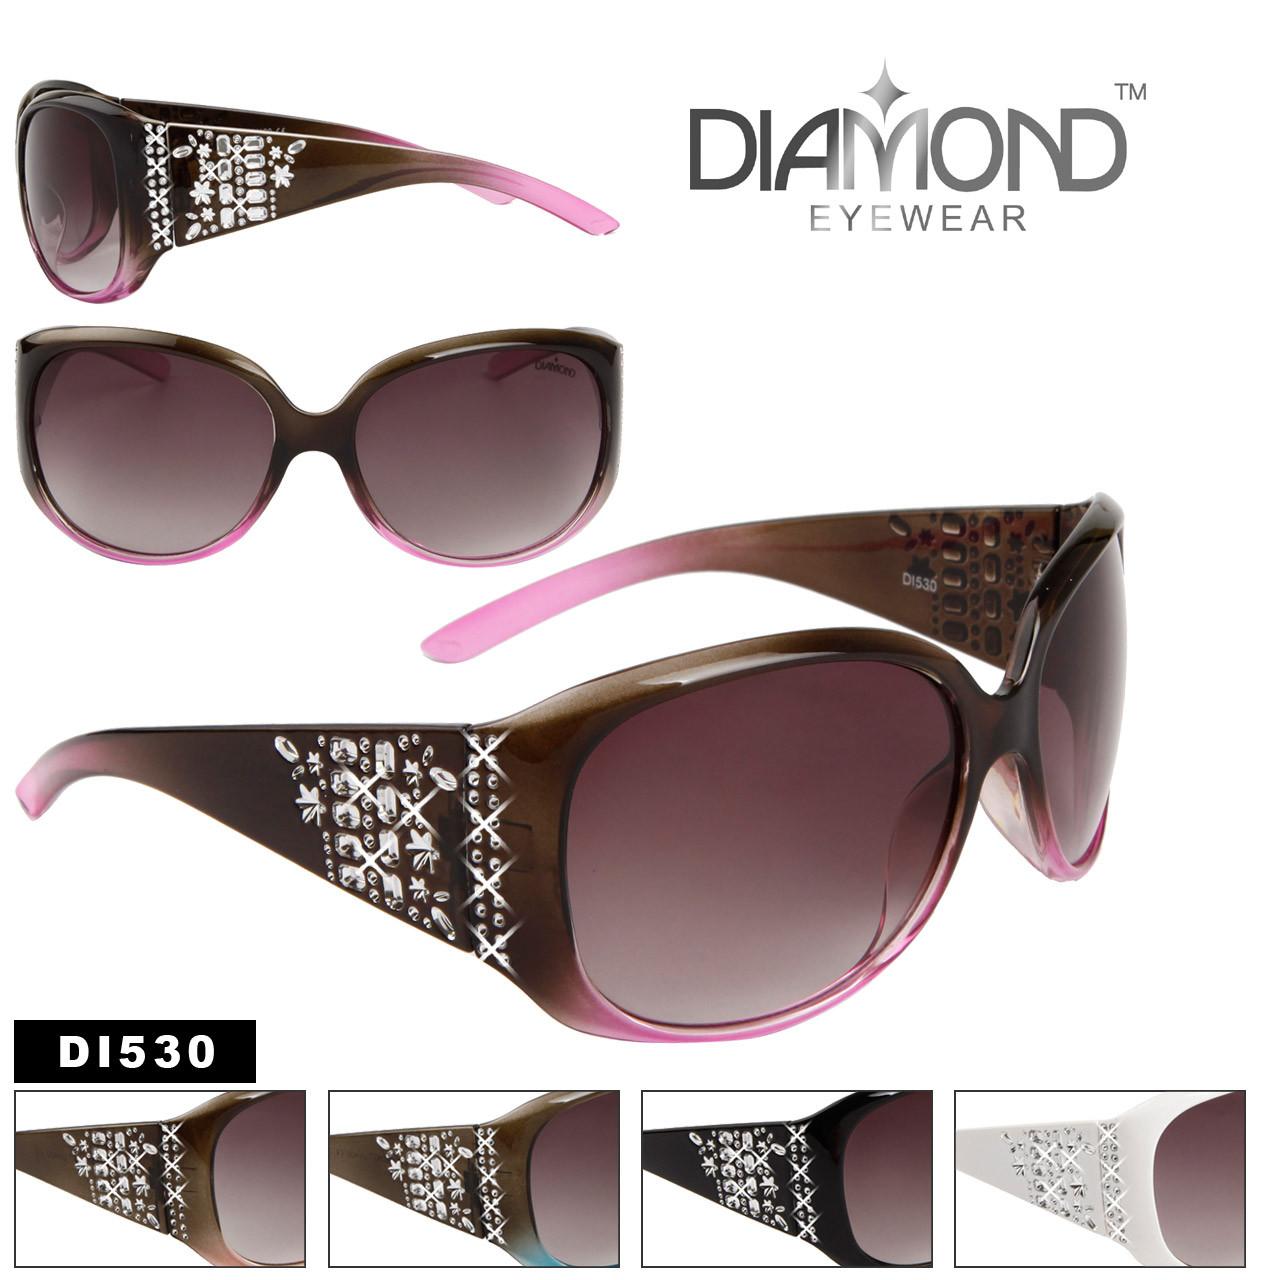 Women's Fashion Sunglasses by the Dozen - Style # DI530